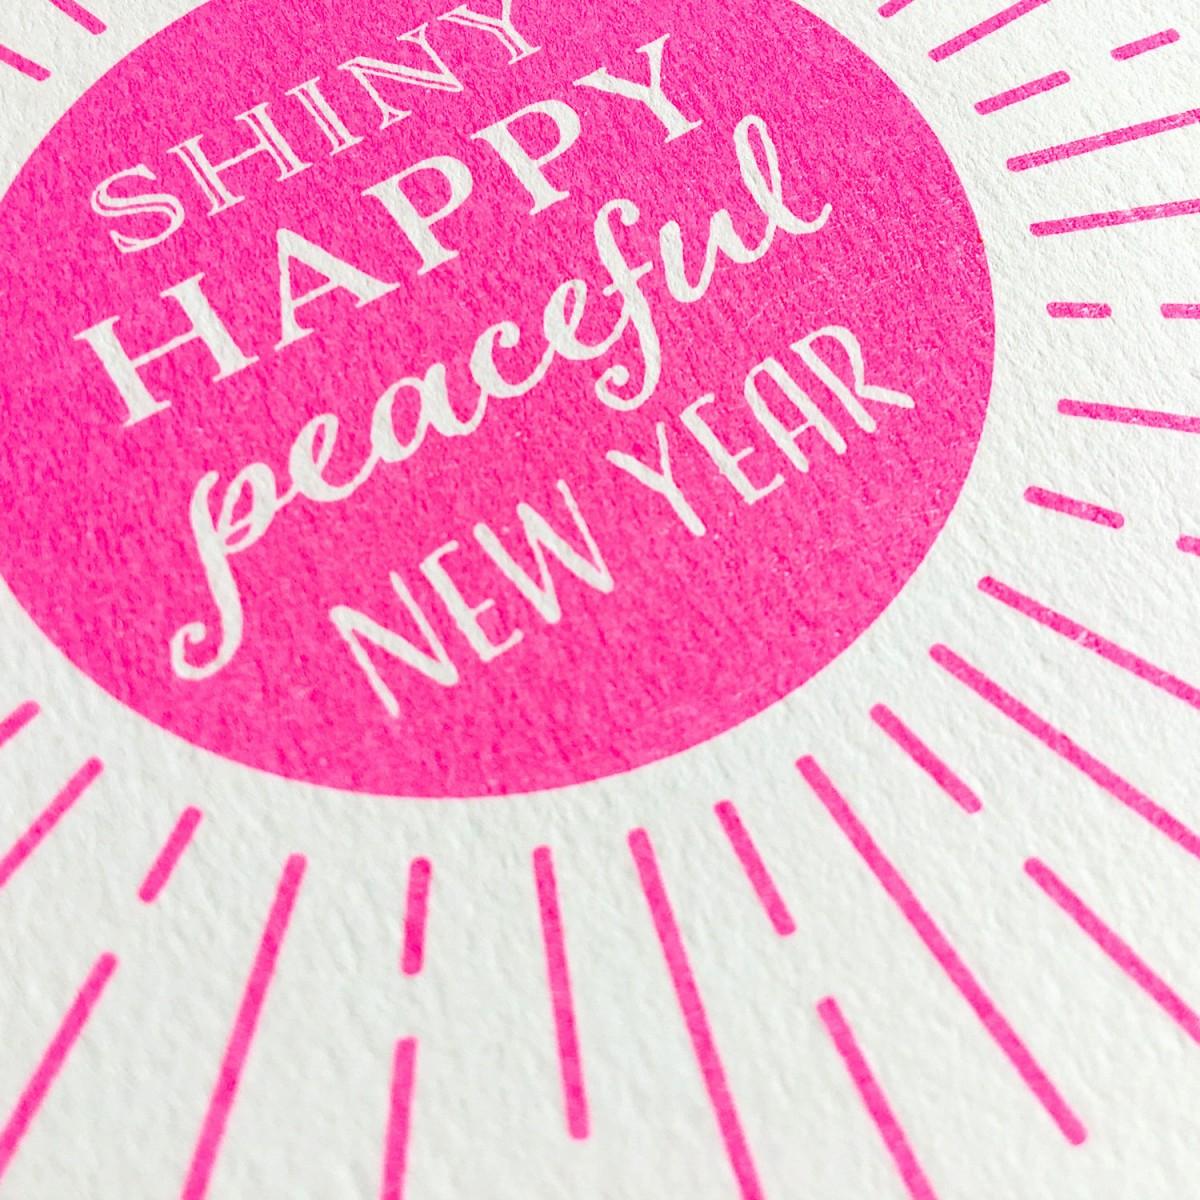 Feingeladen // KARAOKE INSPIRED // Shiny happy peaceful New Year (FP) Klappkarte, A6